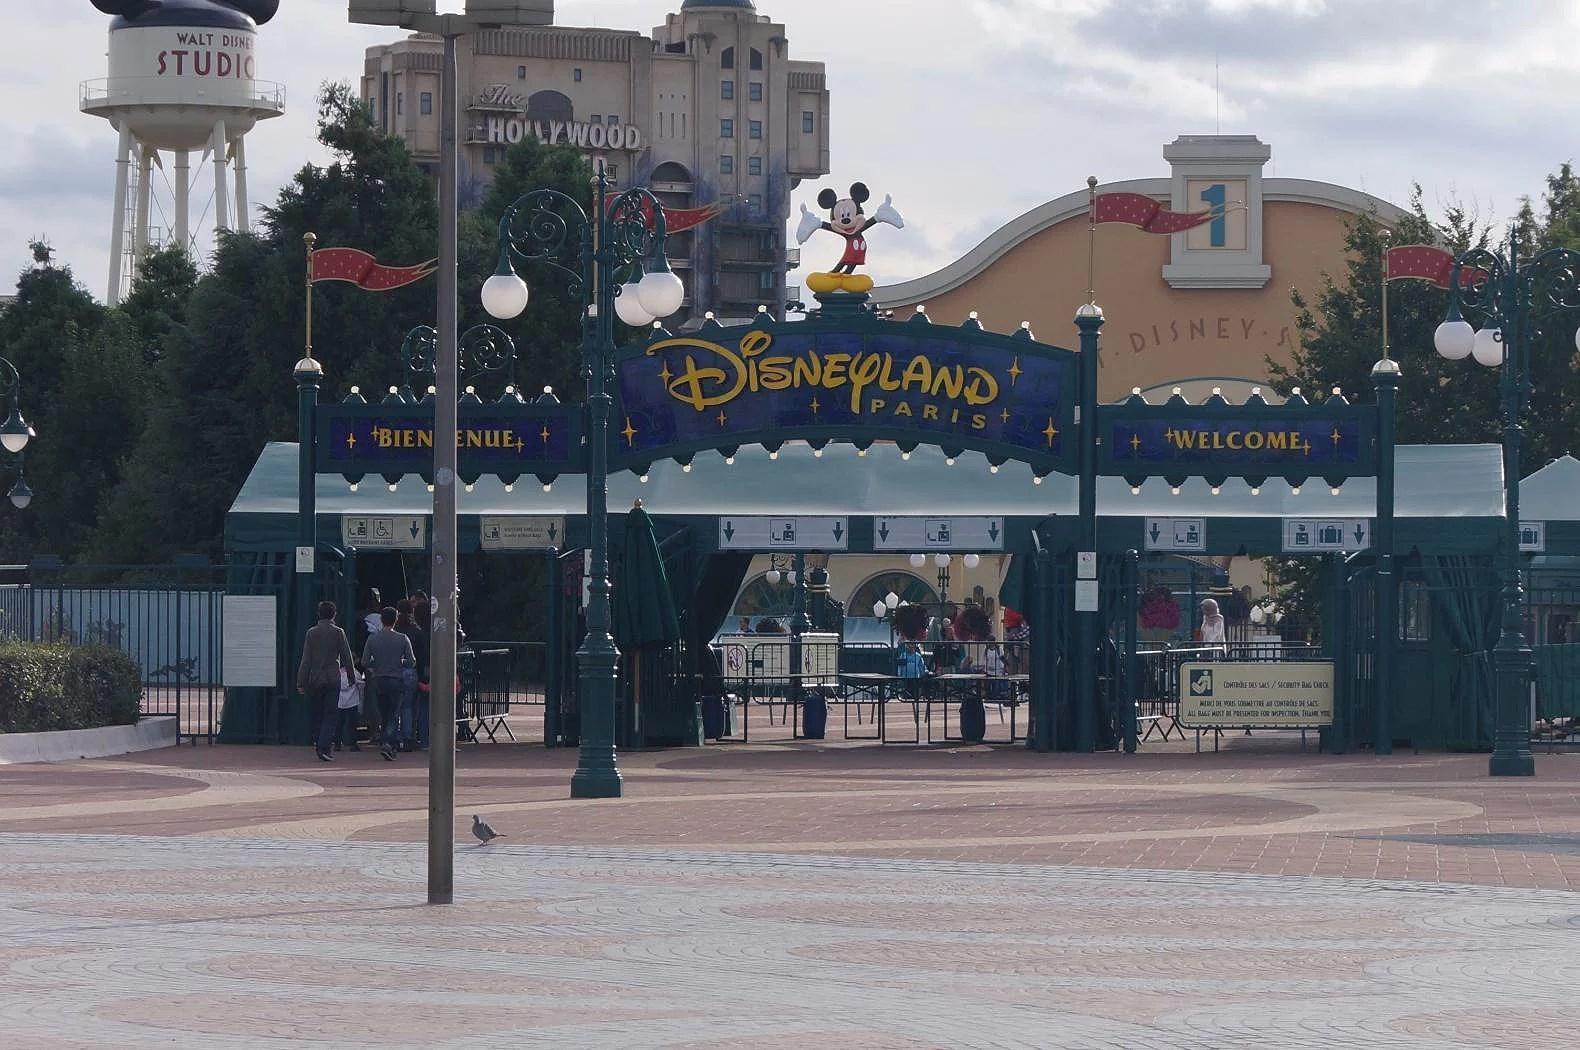 Ingår åkband på Disneyland Paris?